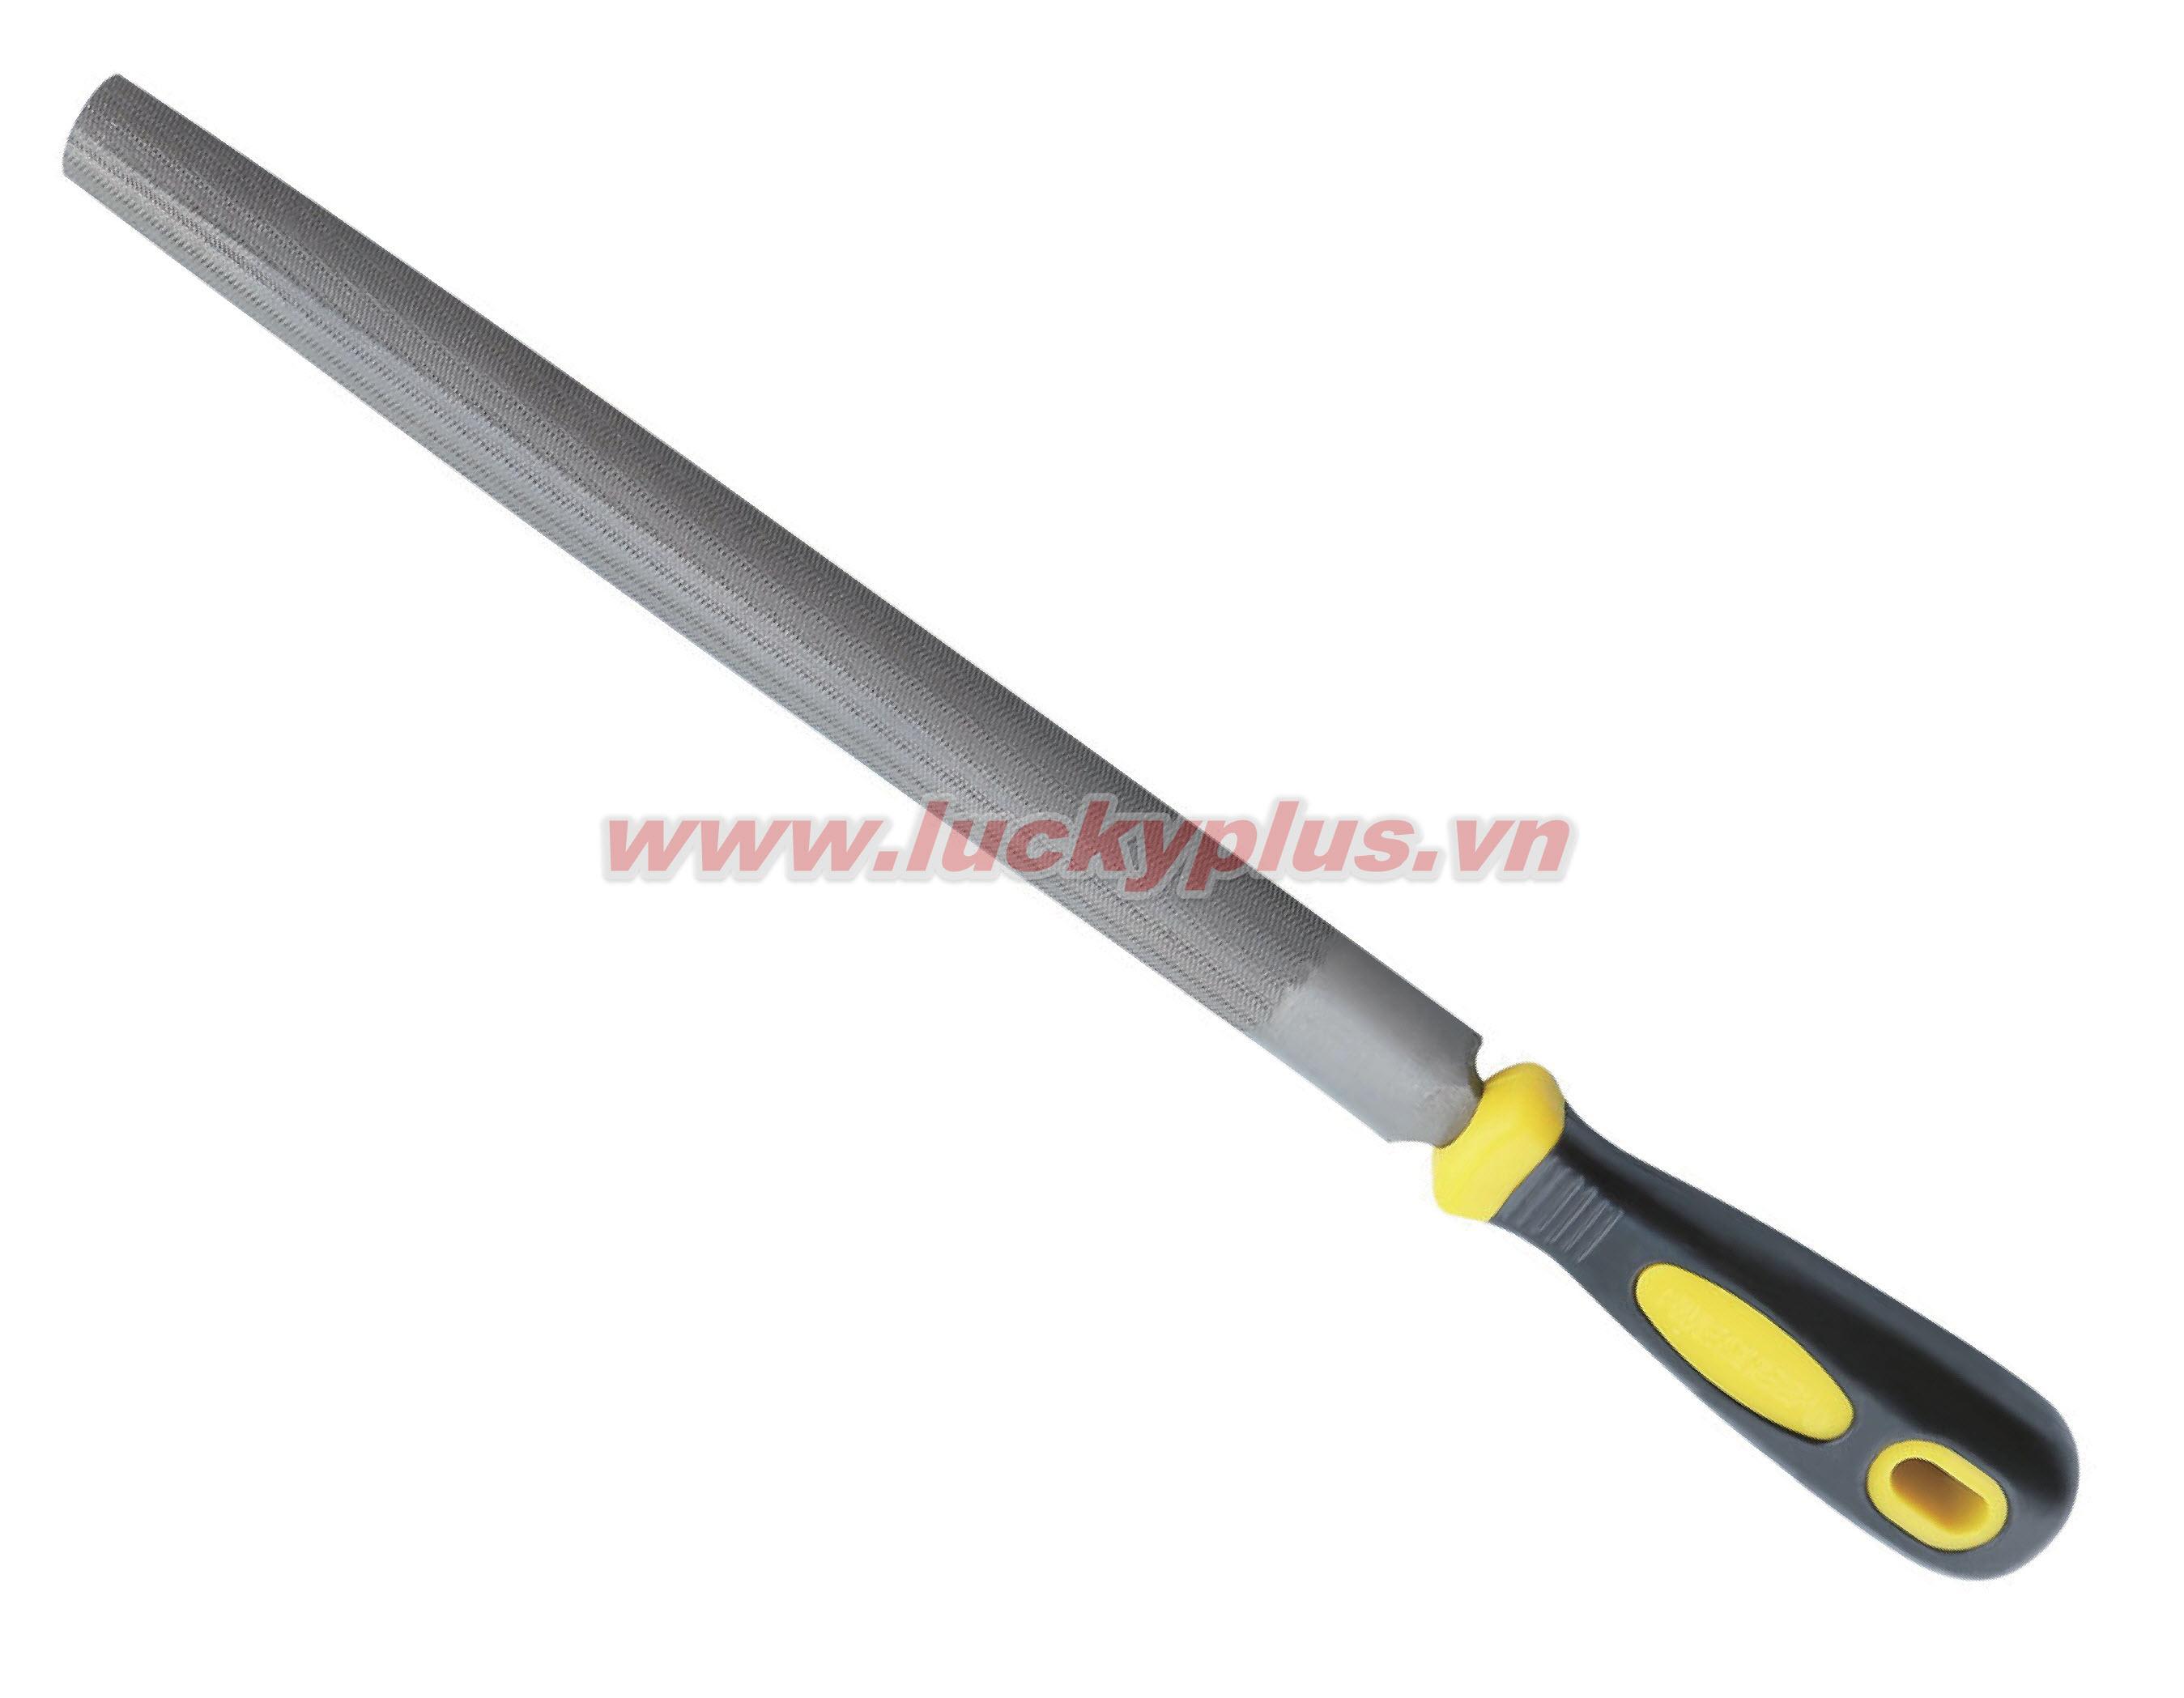 Dũa sắt FiveSheep FS-53306 6'', FS-53308 8'', FS-53310 10'', FS-53312 12''